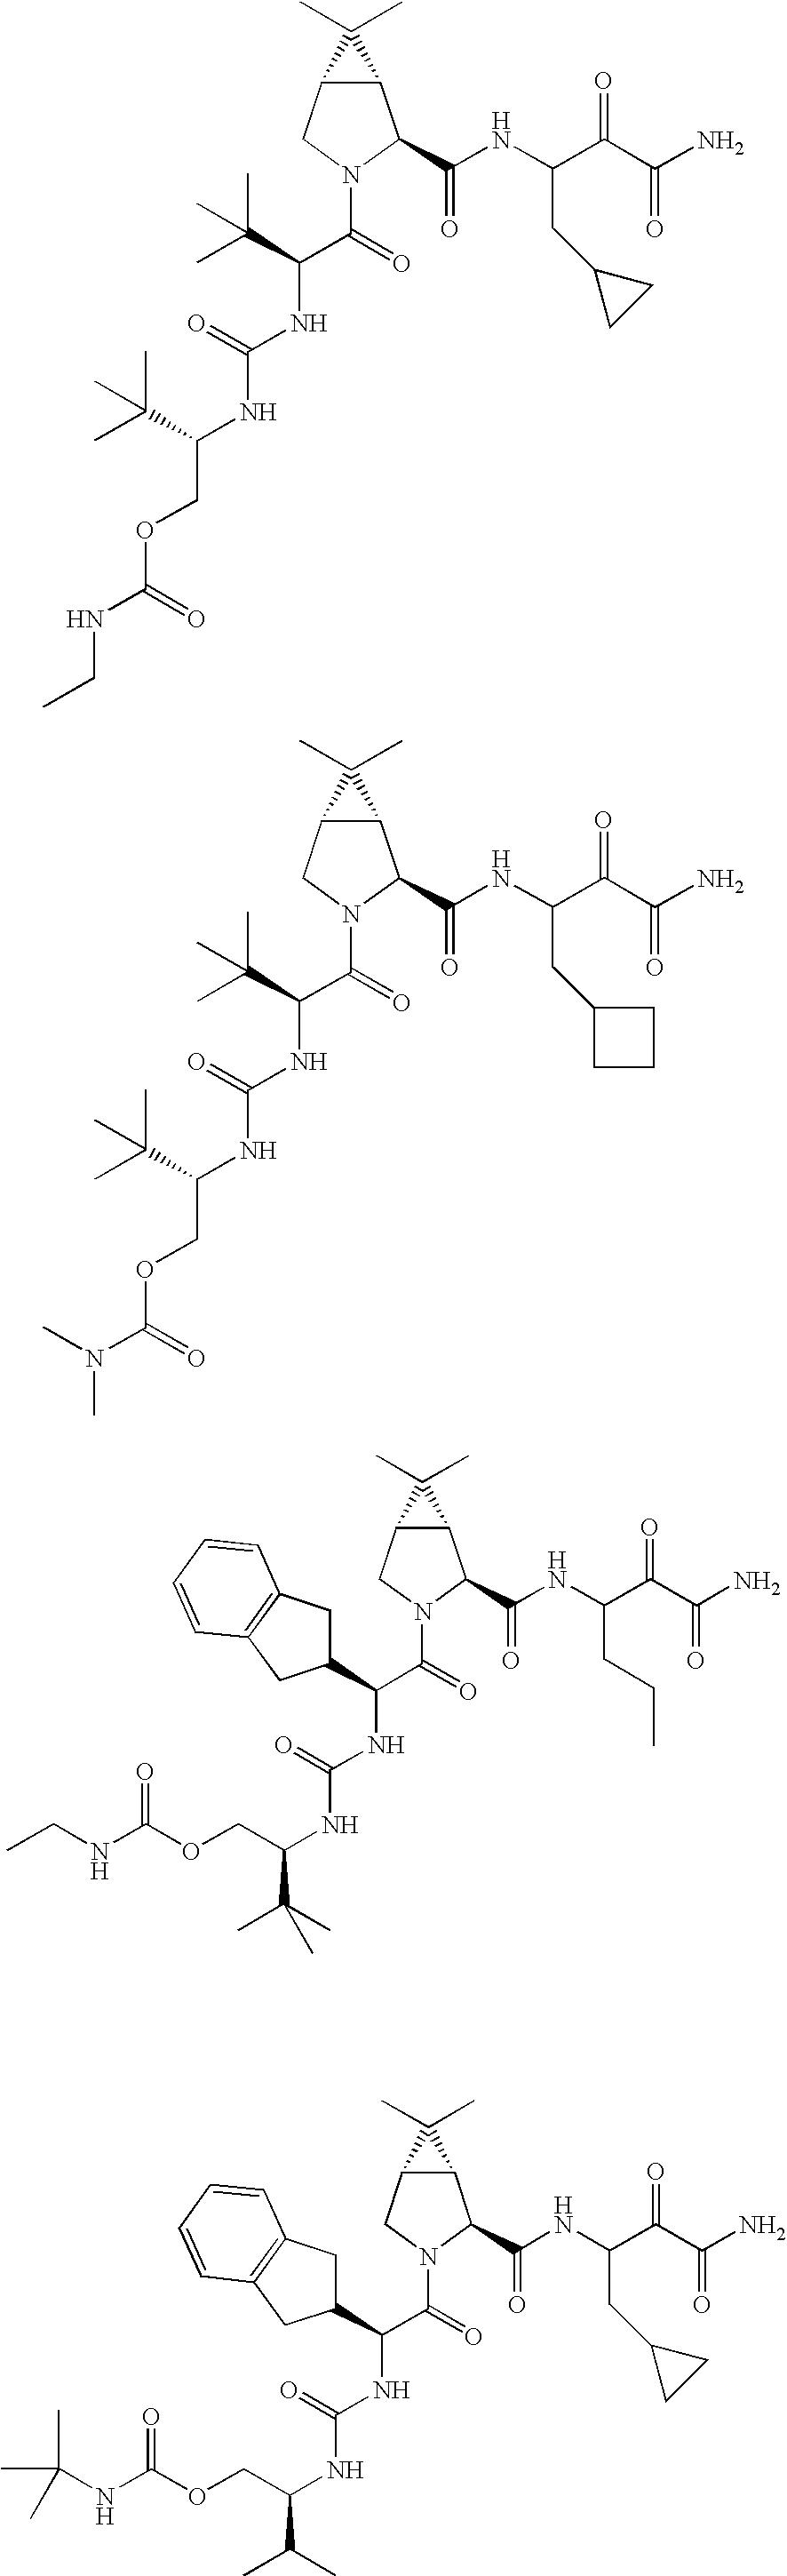 Figure US20060287248A1-20061221-C00372